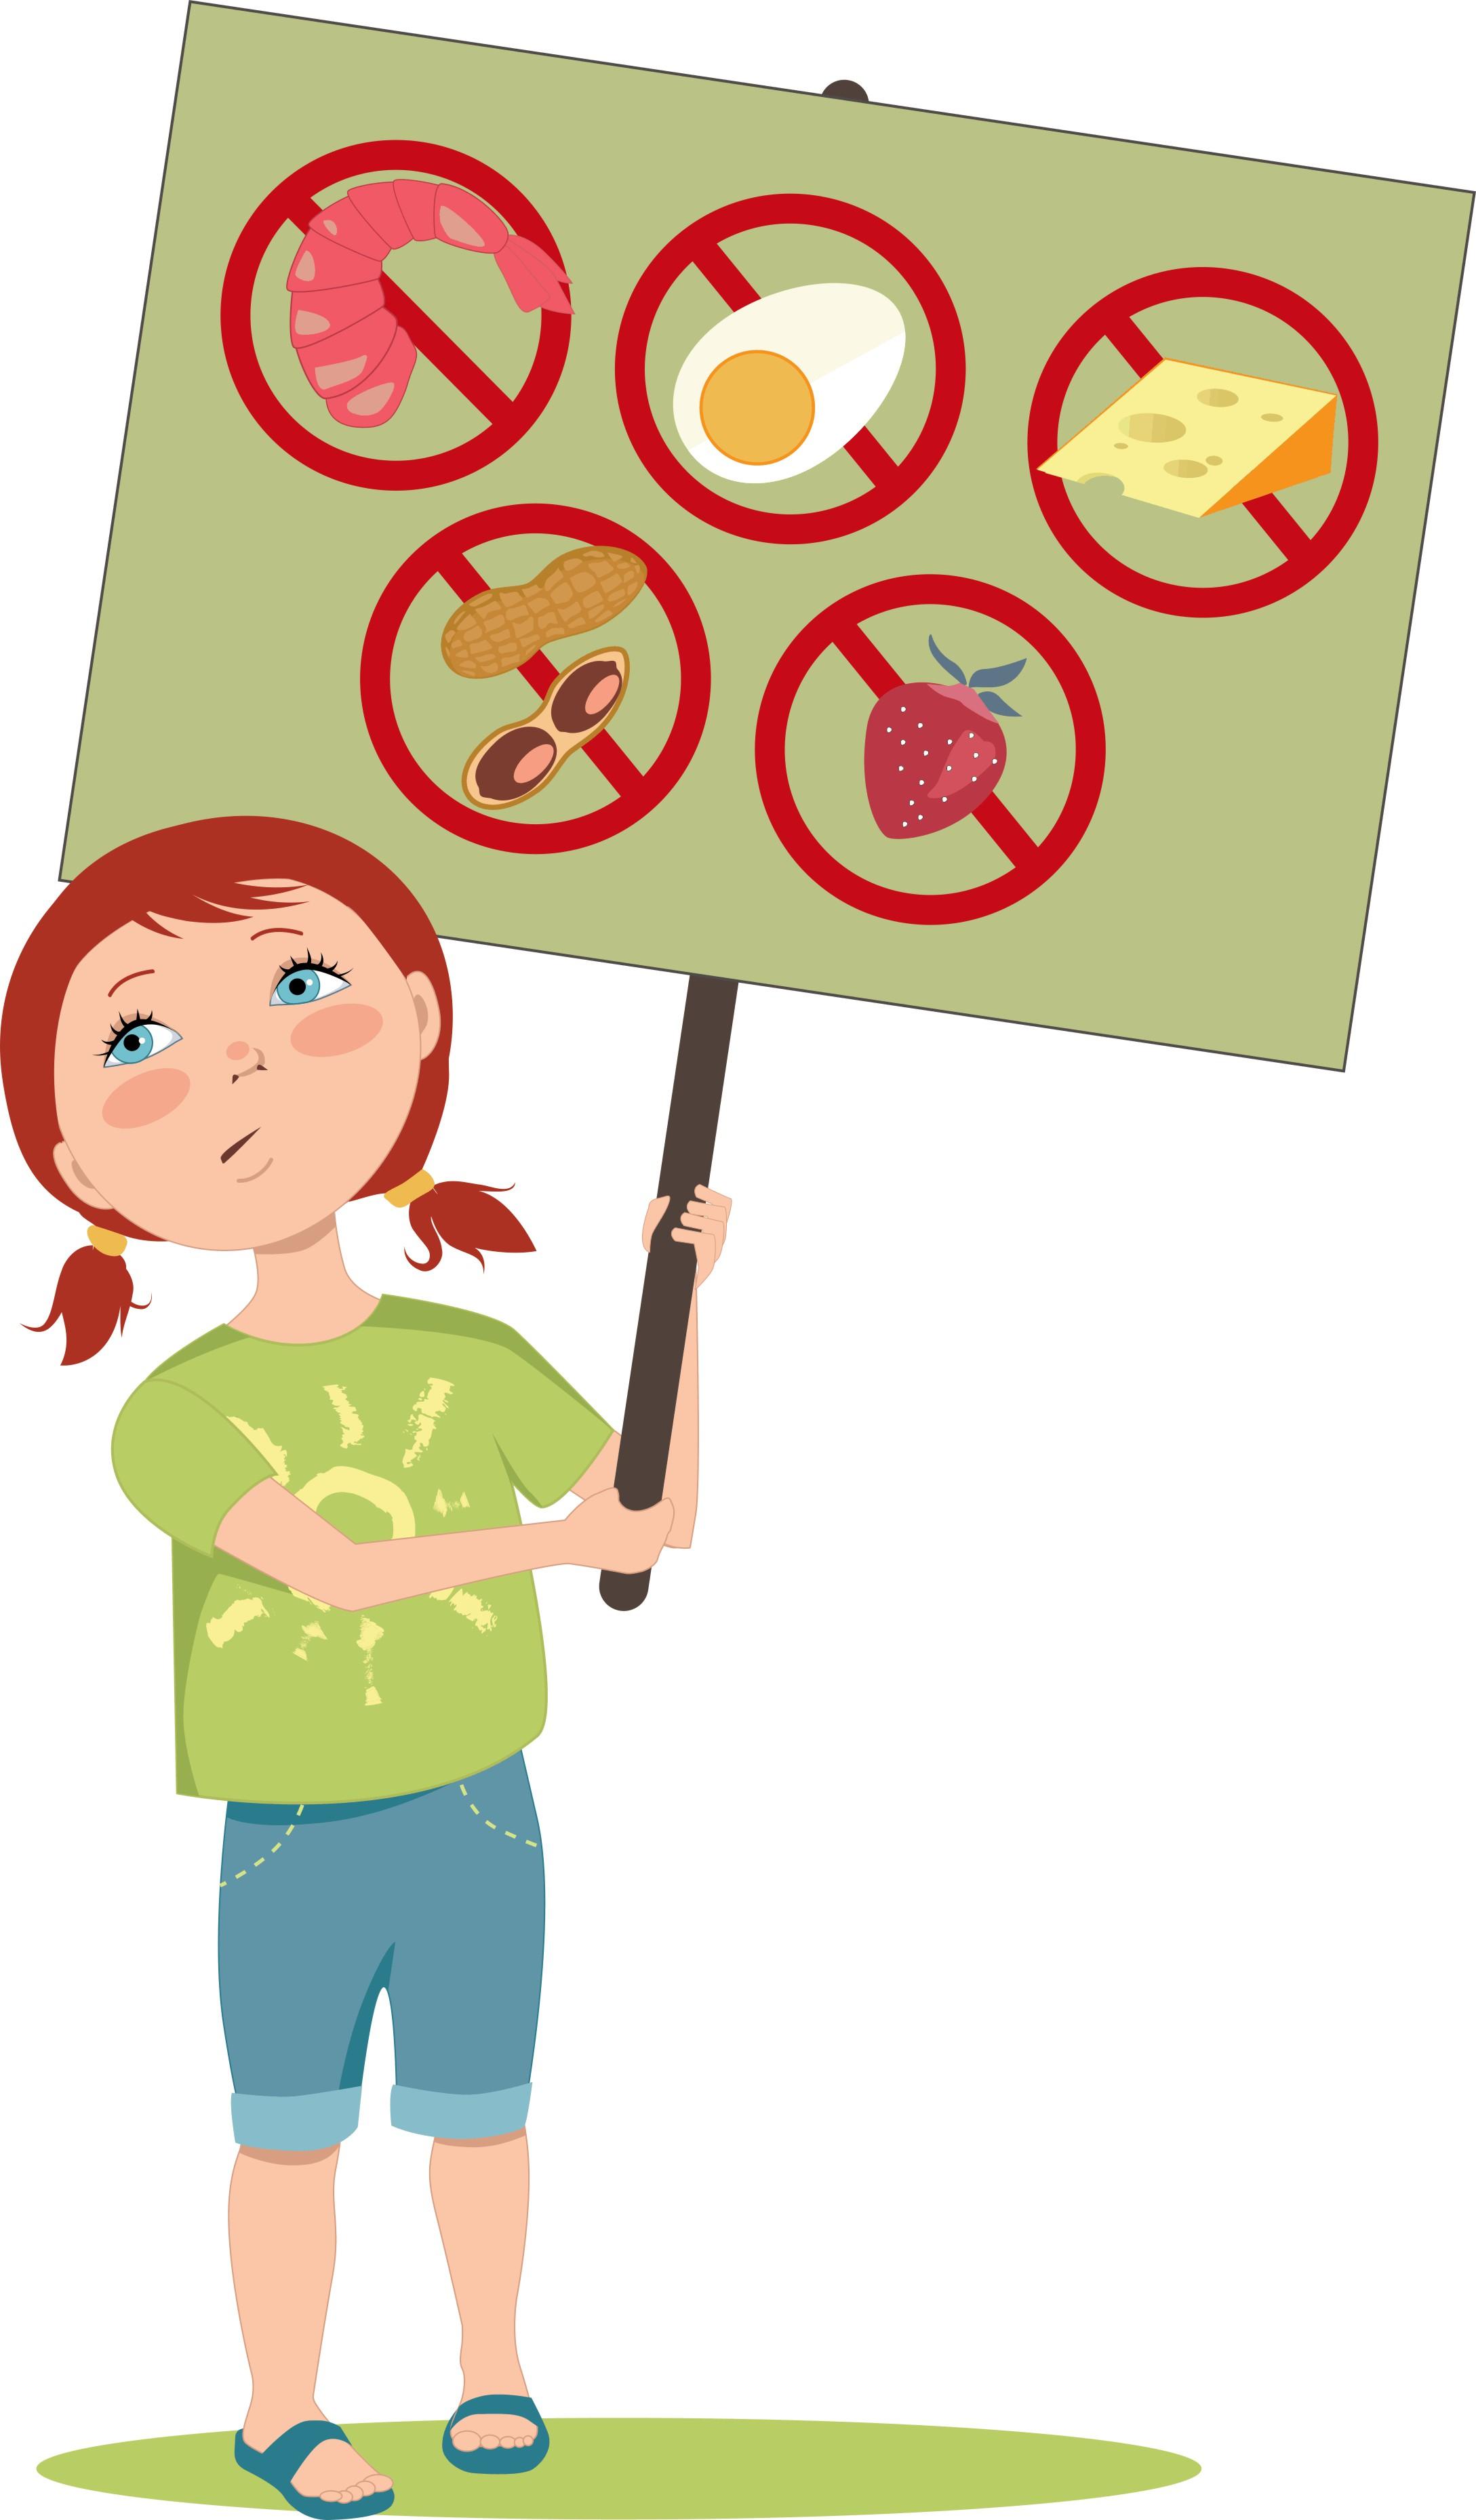 Camarones, lácteos y maníes son solo algunos de los ejemplos más comunes que tu cuerpo usa como ruleta rusa para establecer una reacción alérgica.